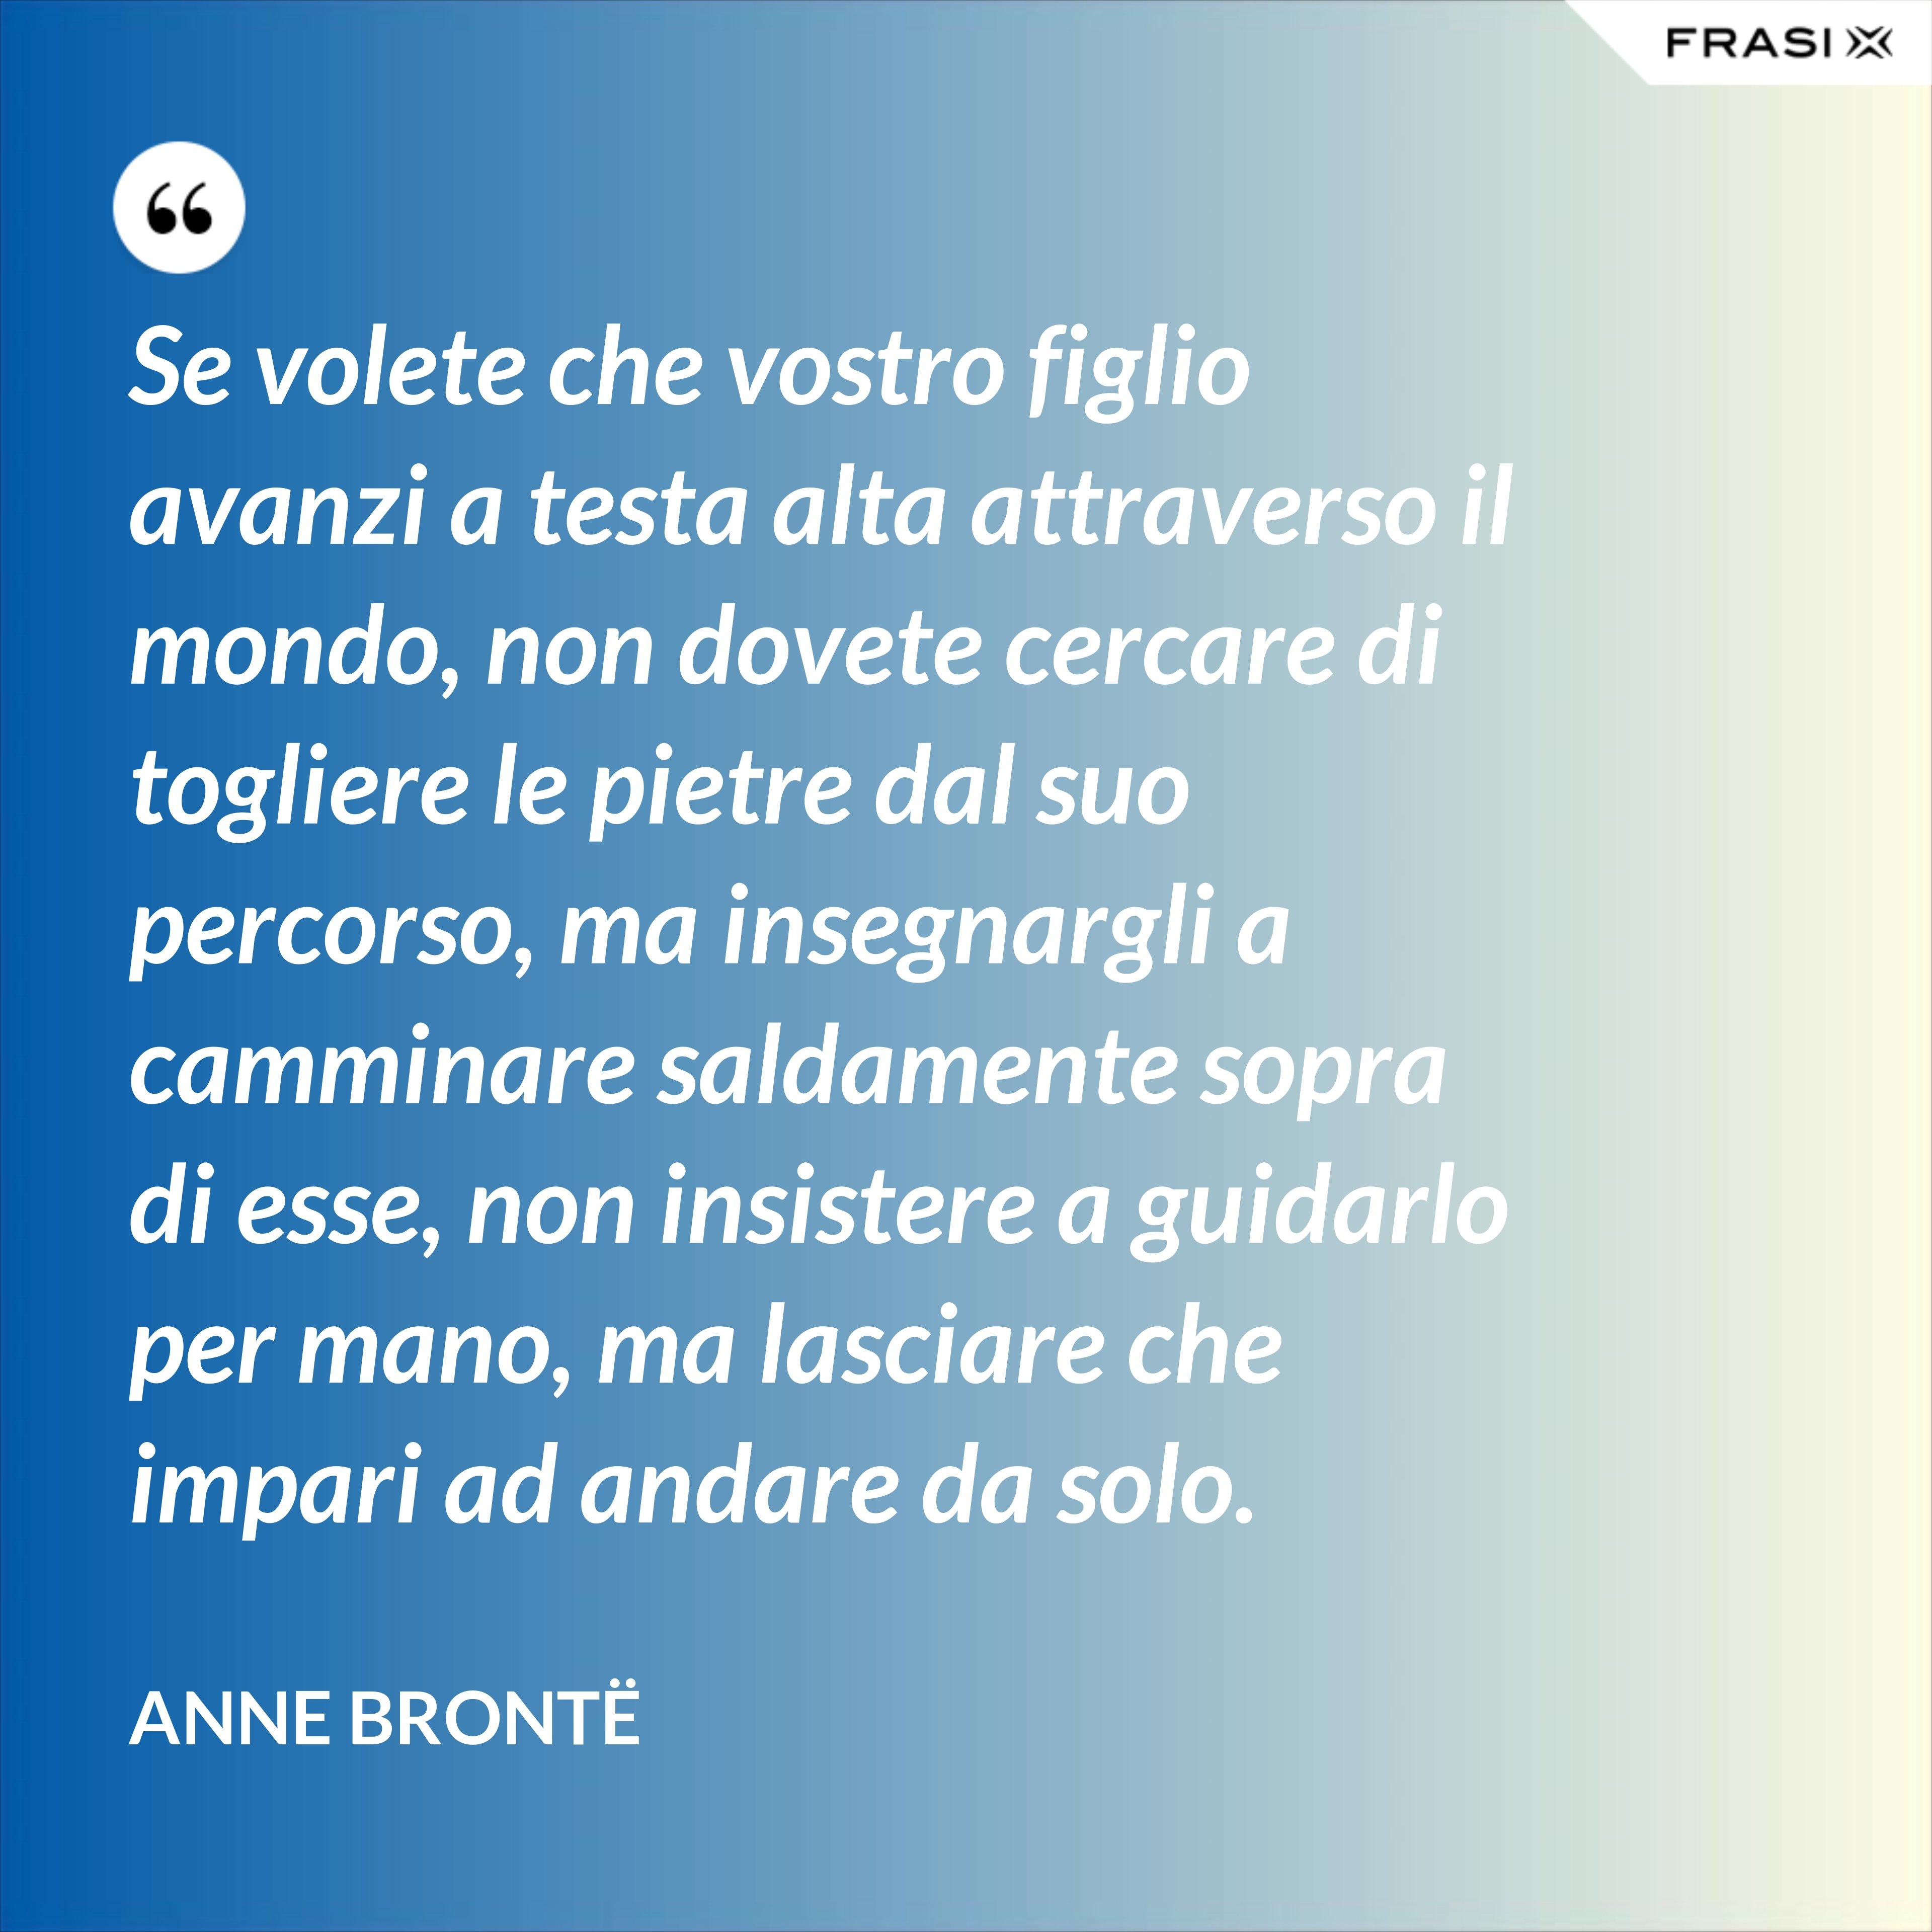 Se volete che vostro figlio avanzi a testa alta attraverso il mondo, non dovete cercare di togliere le pietre dal suo percorso, ma insegnargli a camminare saldamente sopra di esse, non insistere a guidarlo per mano, ma lasciare che impari ad andare da solo. - Anne Brontë